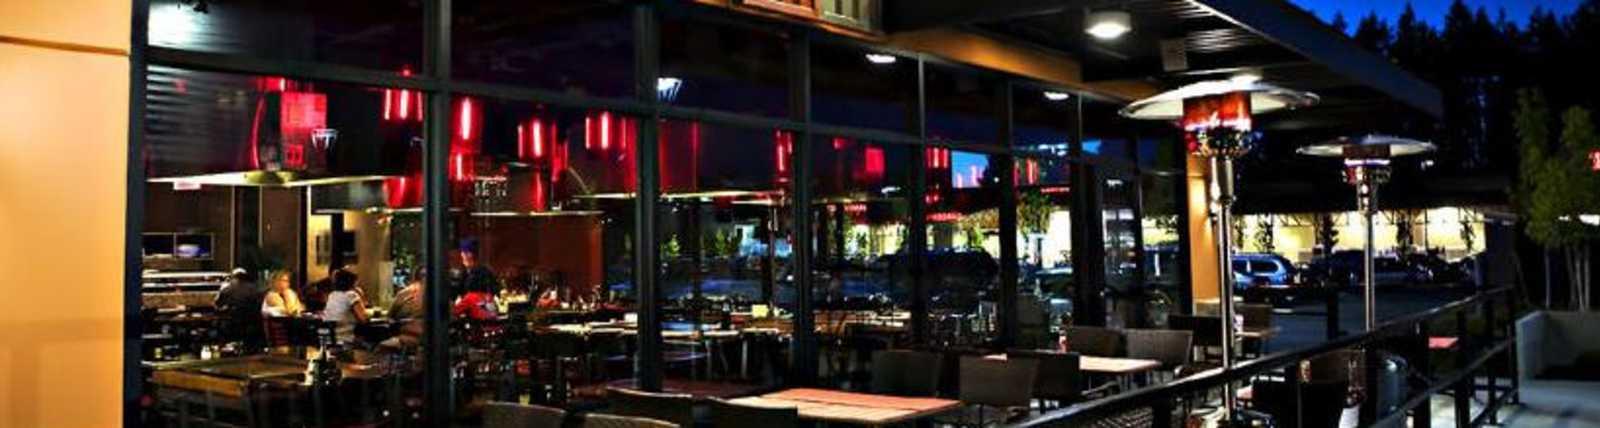 Mizu_Japanese_Steak_House-4.JPG